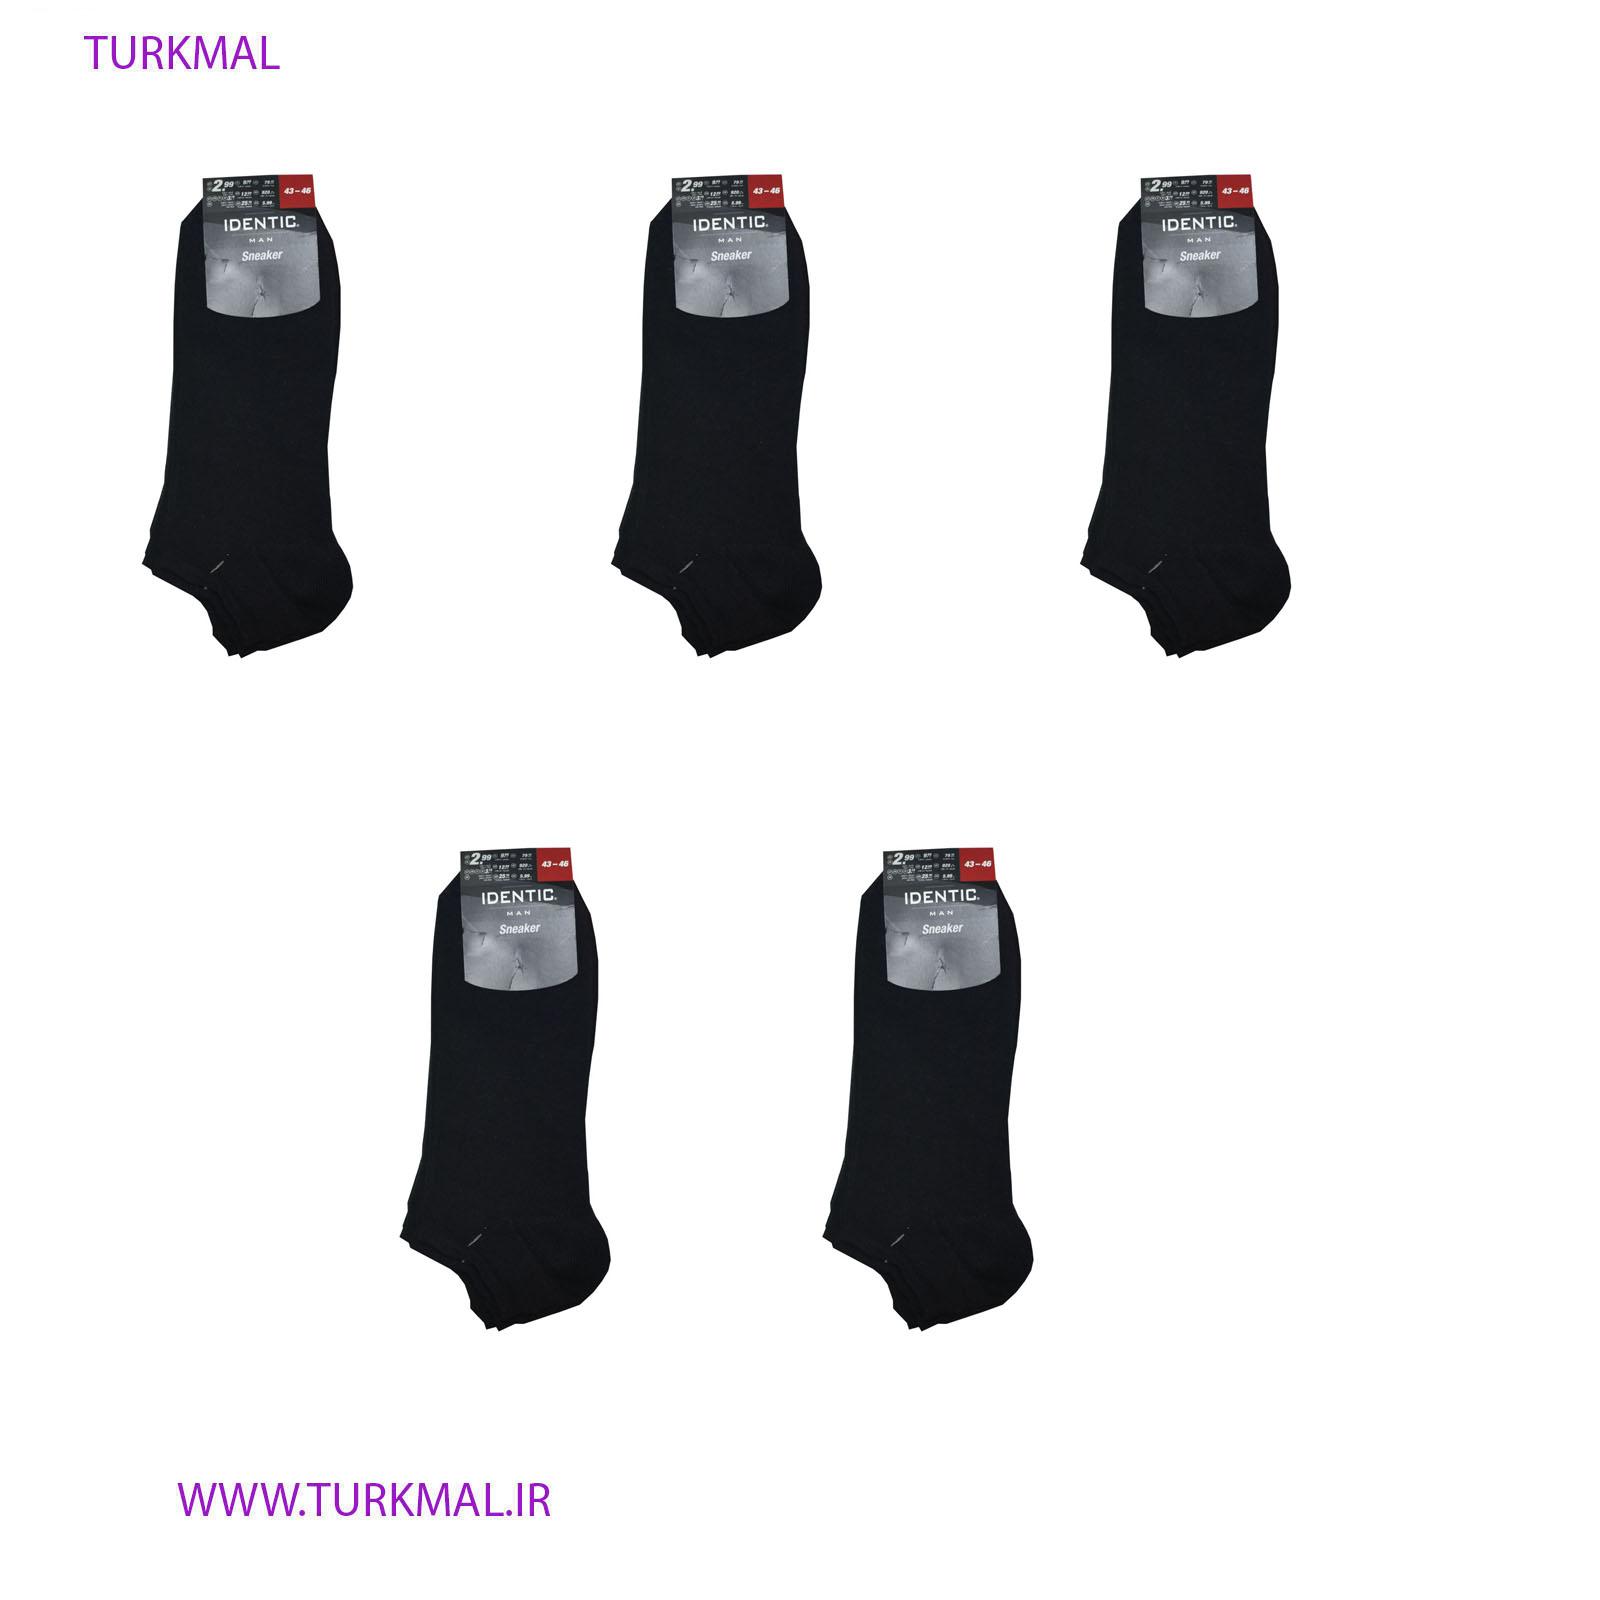 جوراب مردانه ایدنتیک بسته ۵ عددی